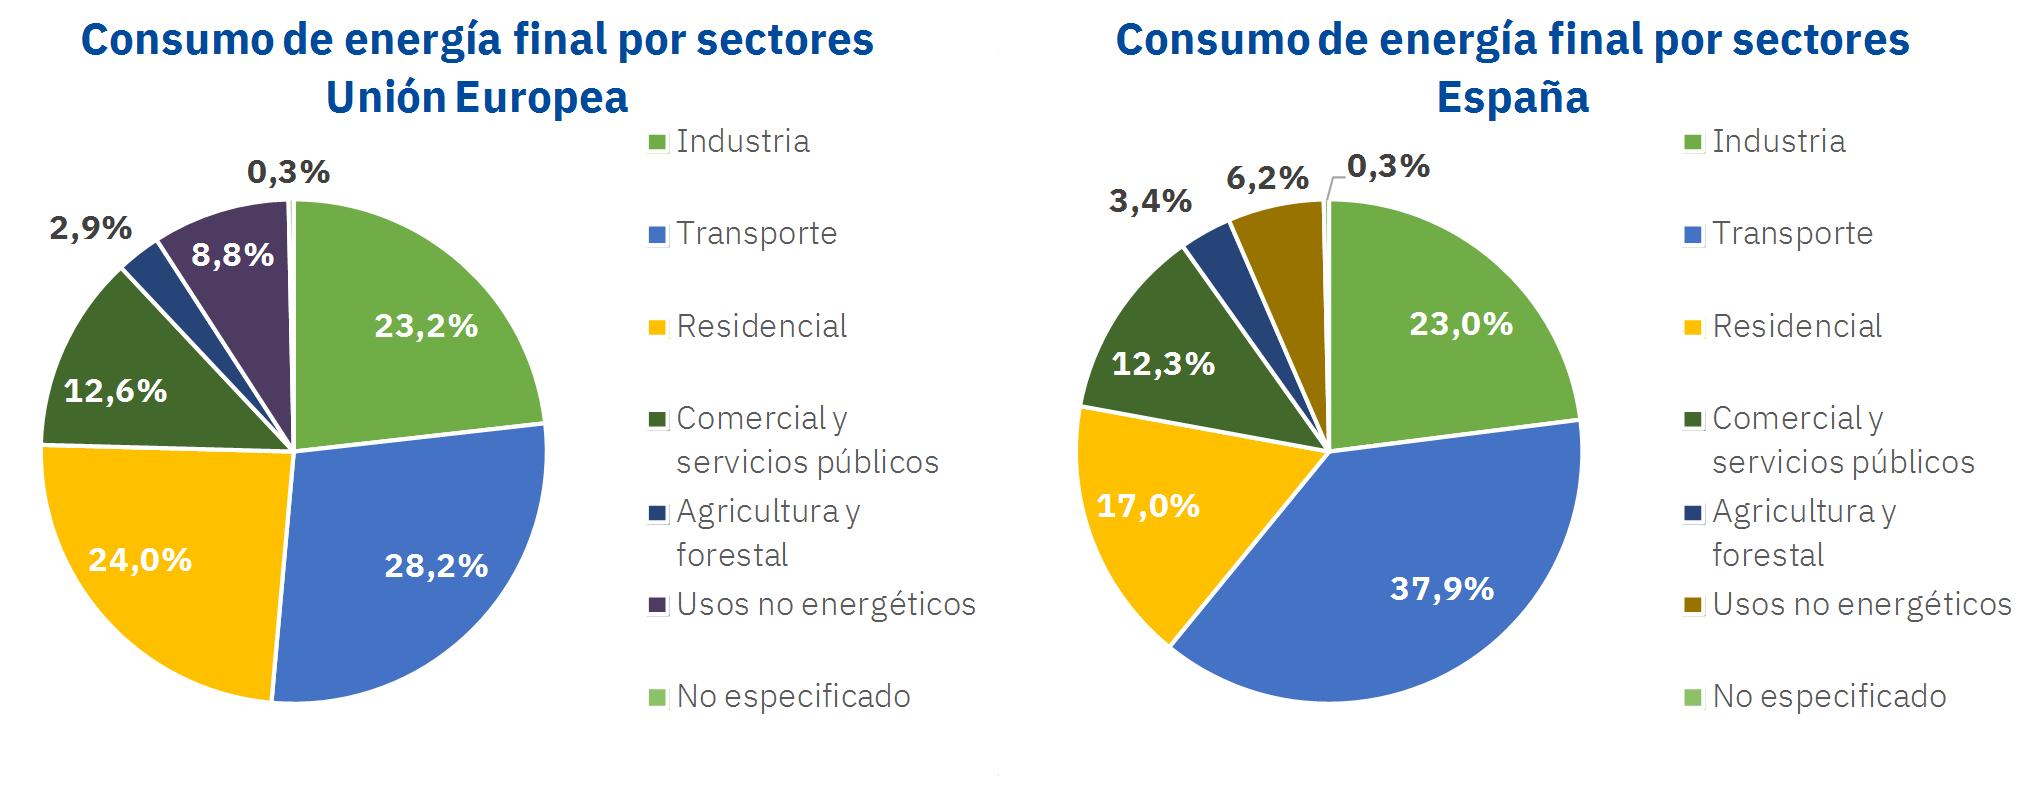 Consumo de energía final en sectores de la Unión Europea